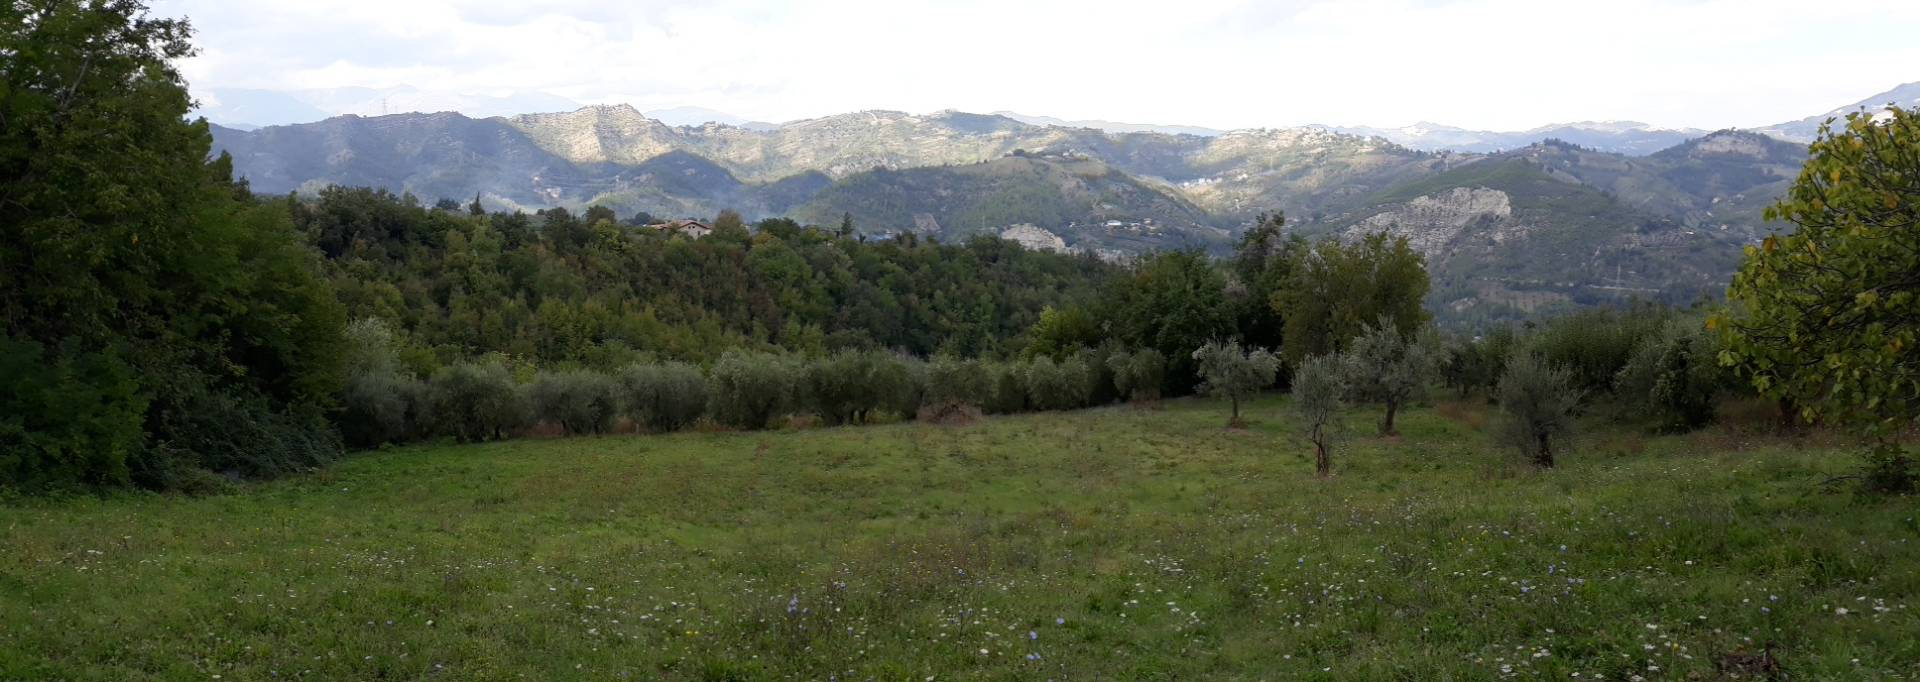 Terreno ASCOLI PICENO vendita  Rosara  Immobiliare Cecco d